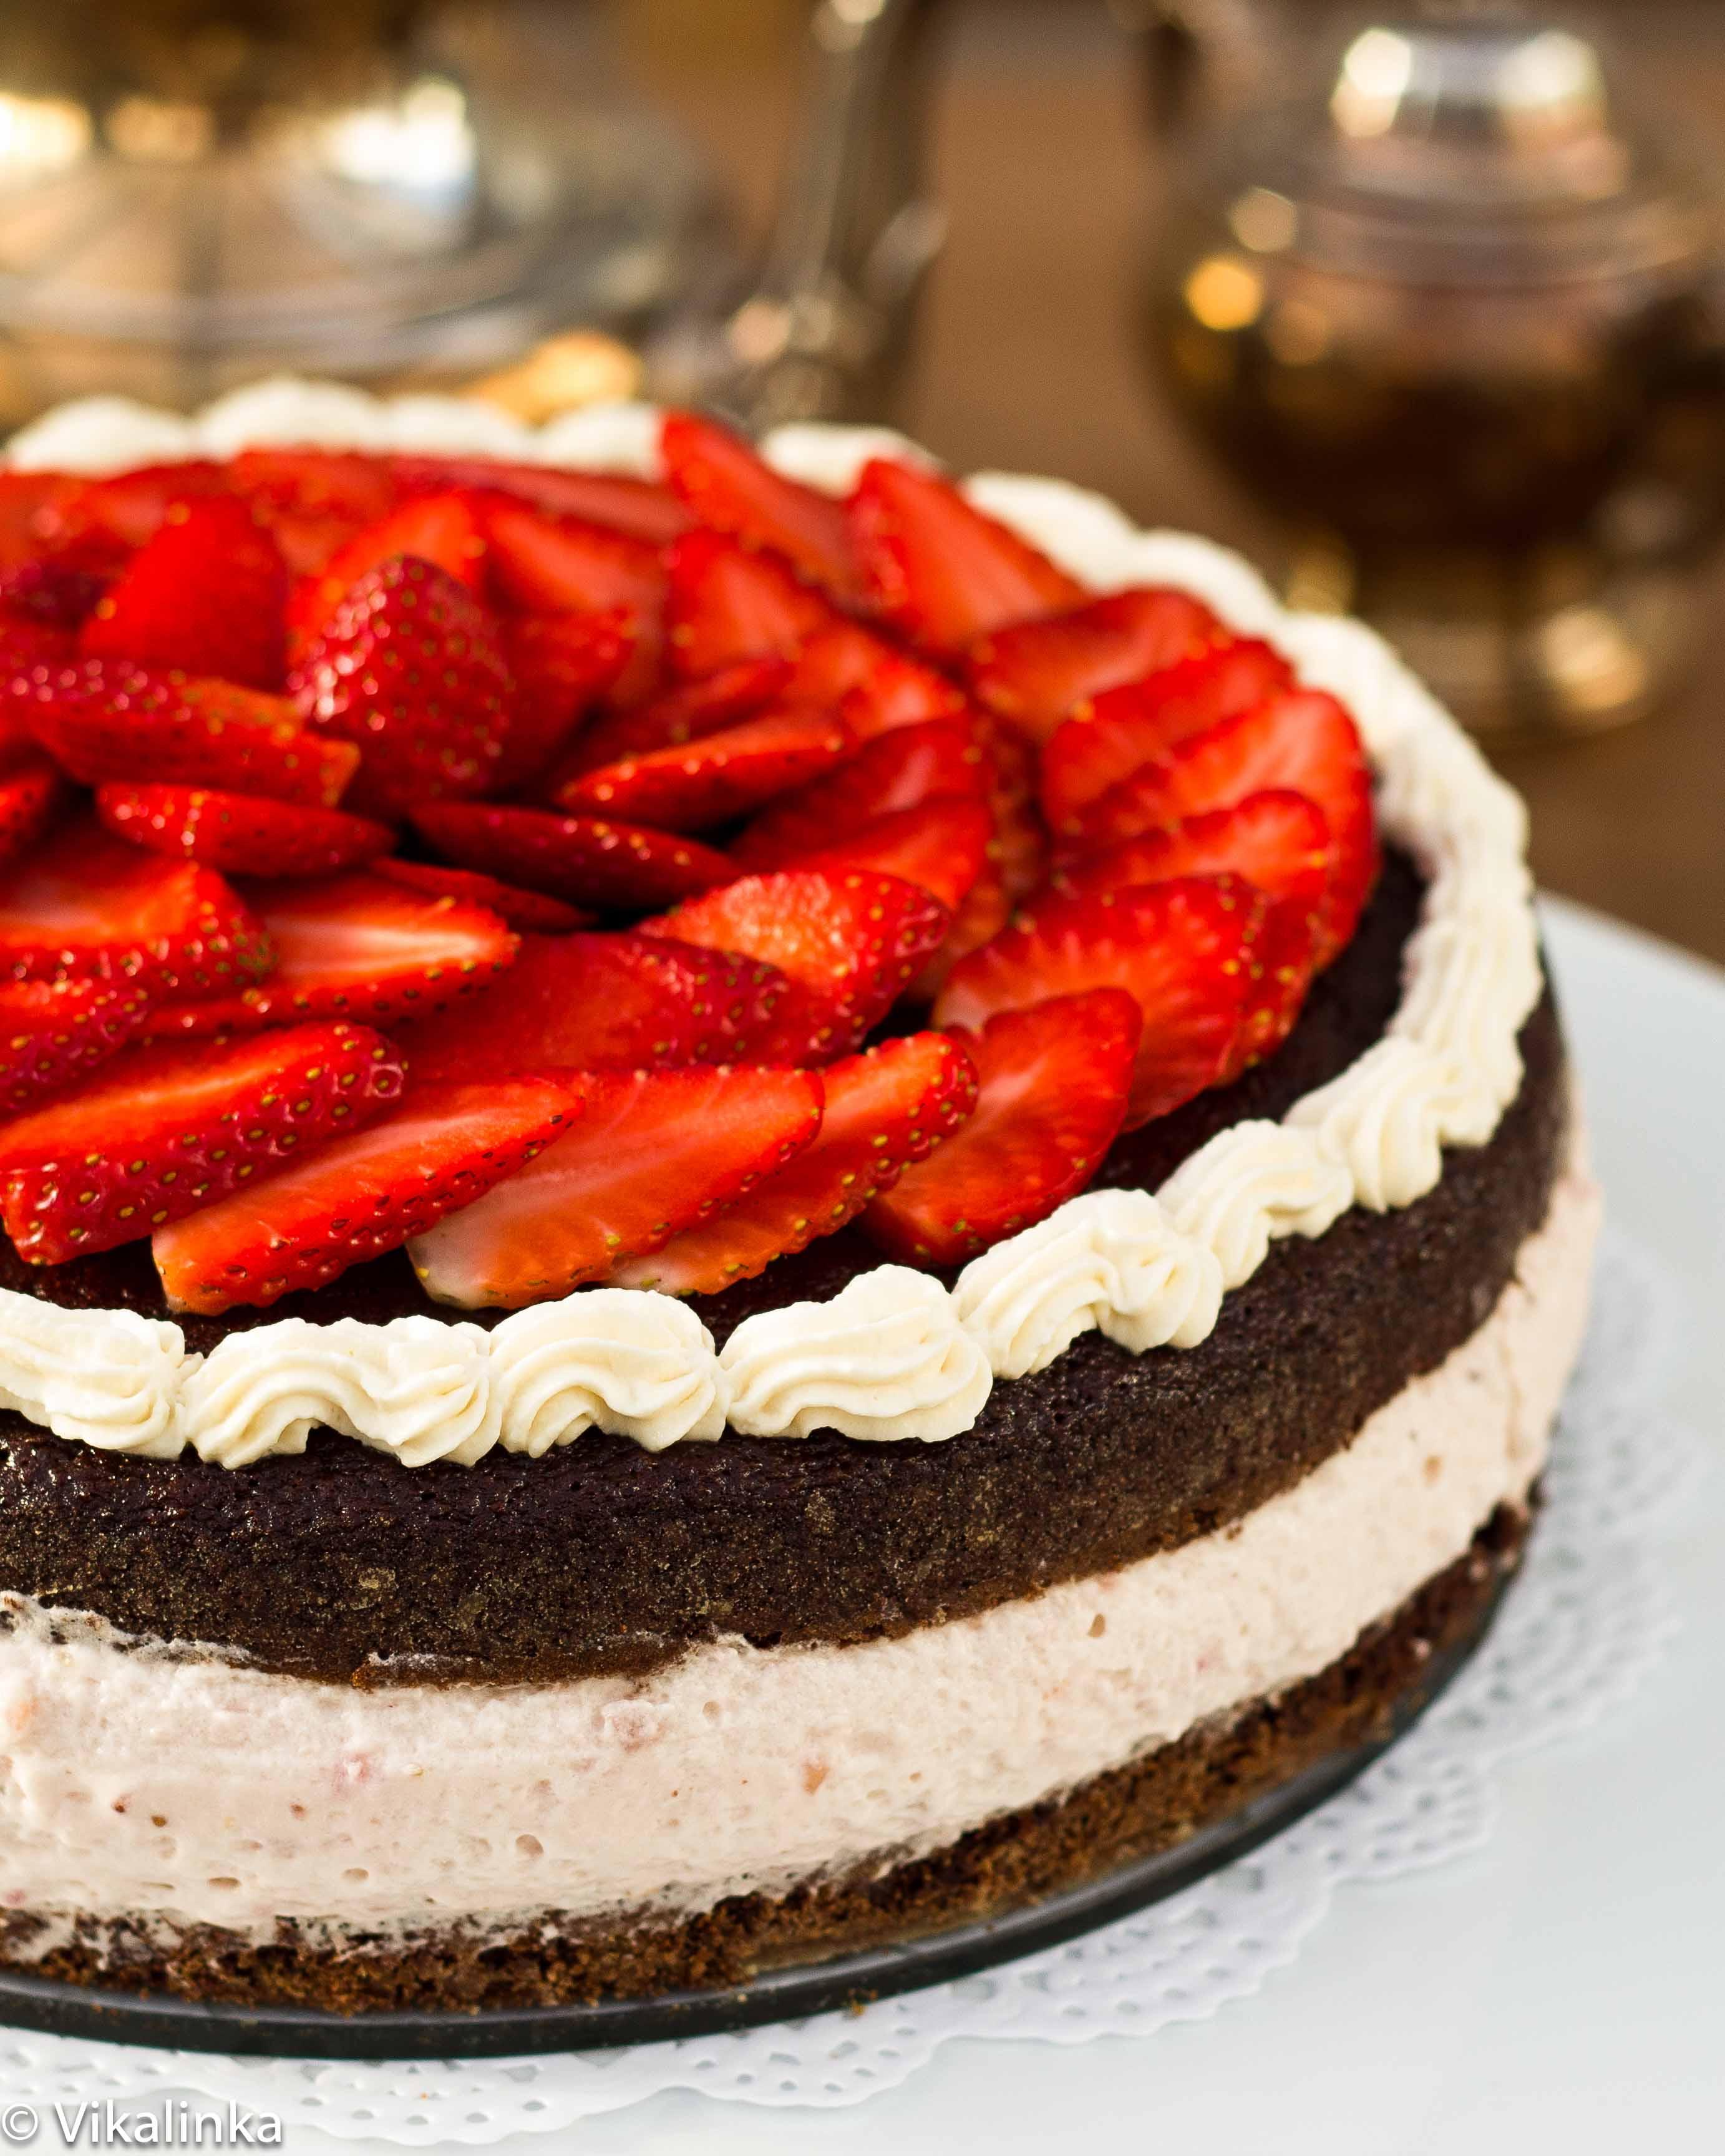 Strawberry Mousse Cake Vikalinka